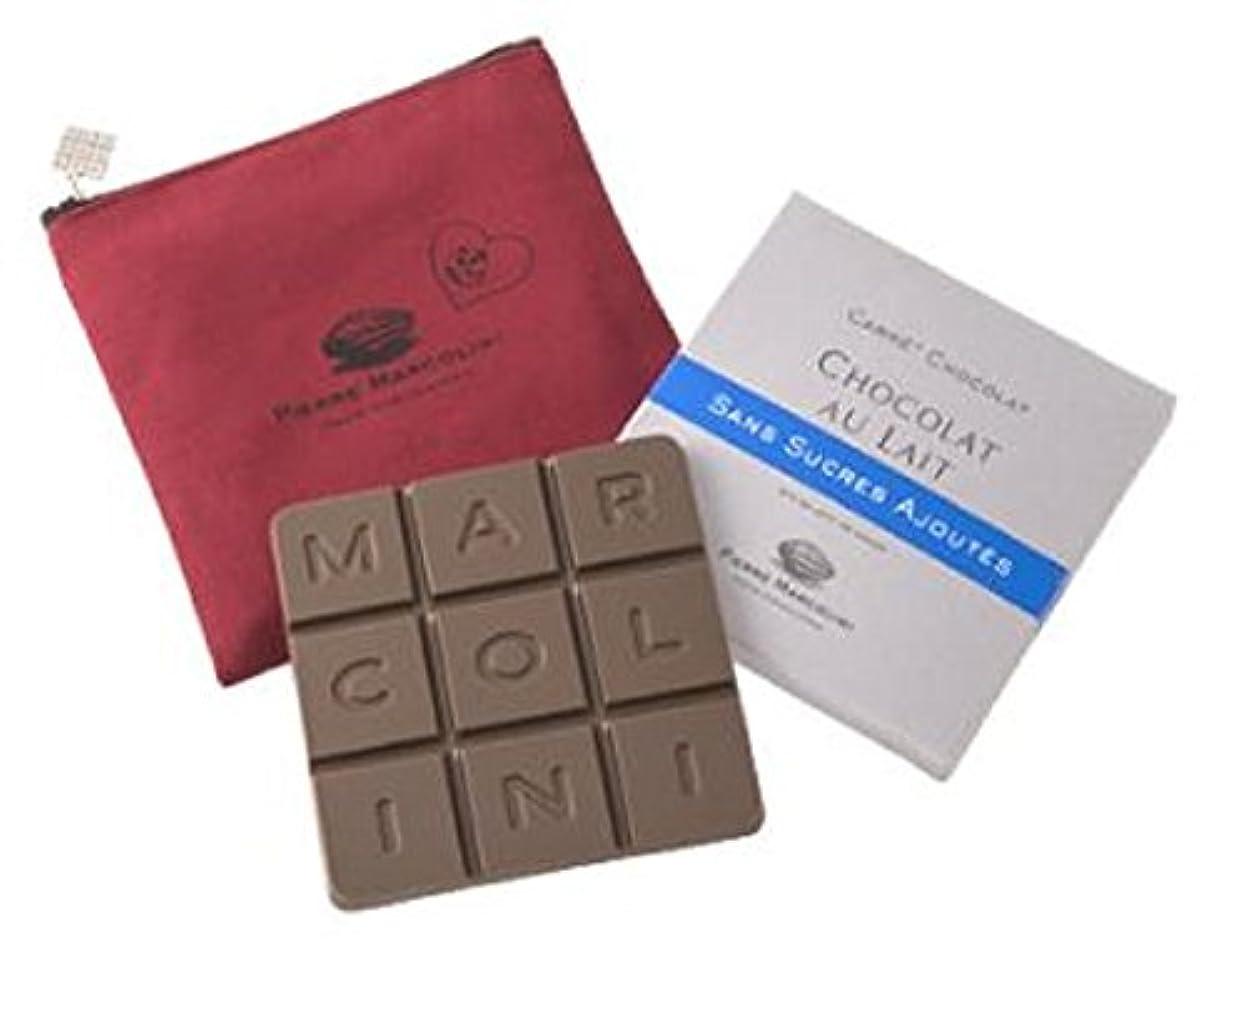 地上でフェードアウトモードリンピエールマルコリーニ チョコレート レ タブレット バレンタイン ホワイトデー (ソン スクレ レ)